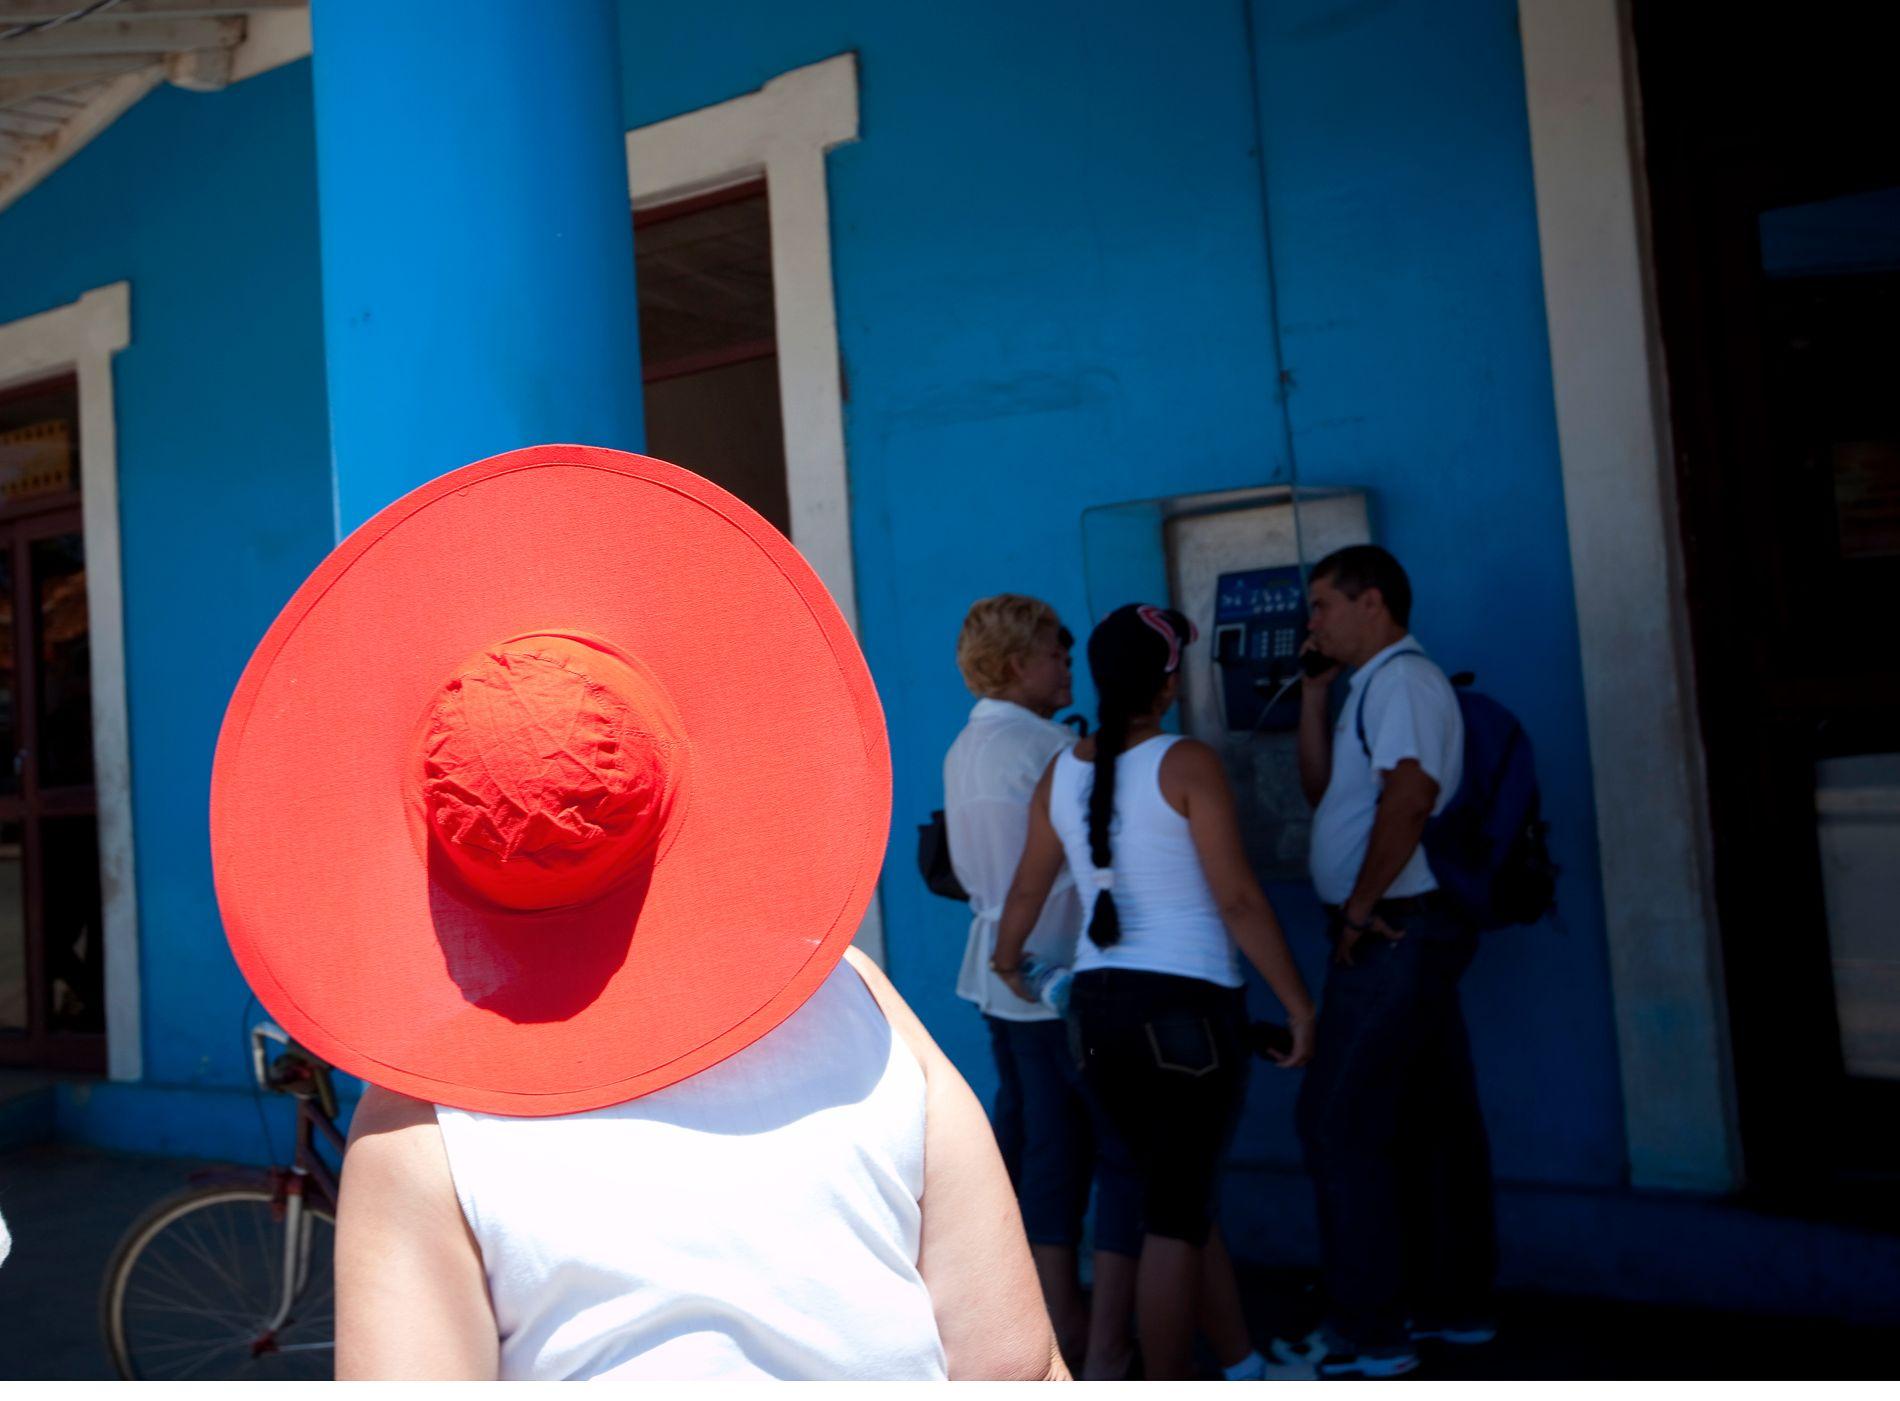 TURISME: Turisme er viktig for den cubanske økonomien. Her fra hovedstaden Havana som har mer enn to millioner innbyggere.